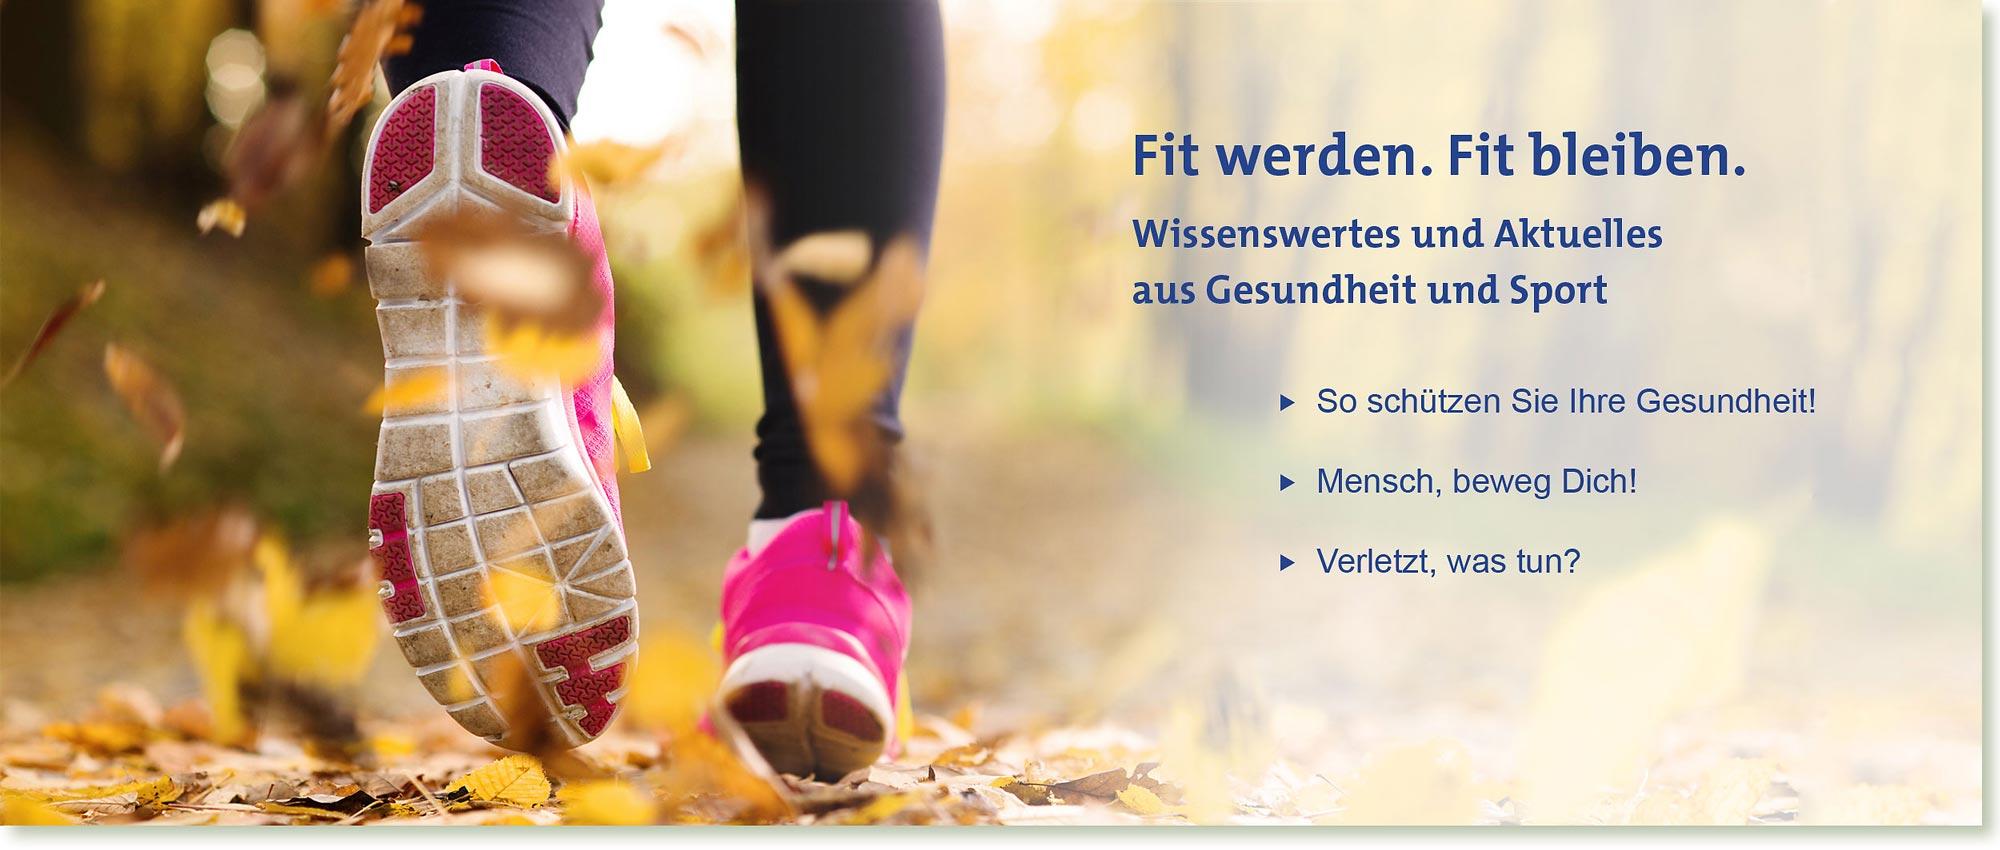 Slider | [formula] Müller-Wohlfahrt Gesundheit und Sport im Herbst